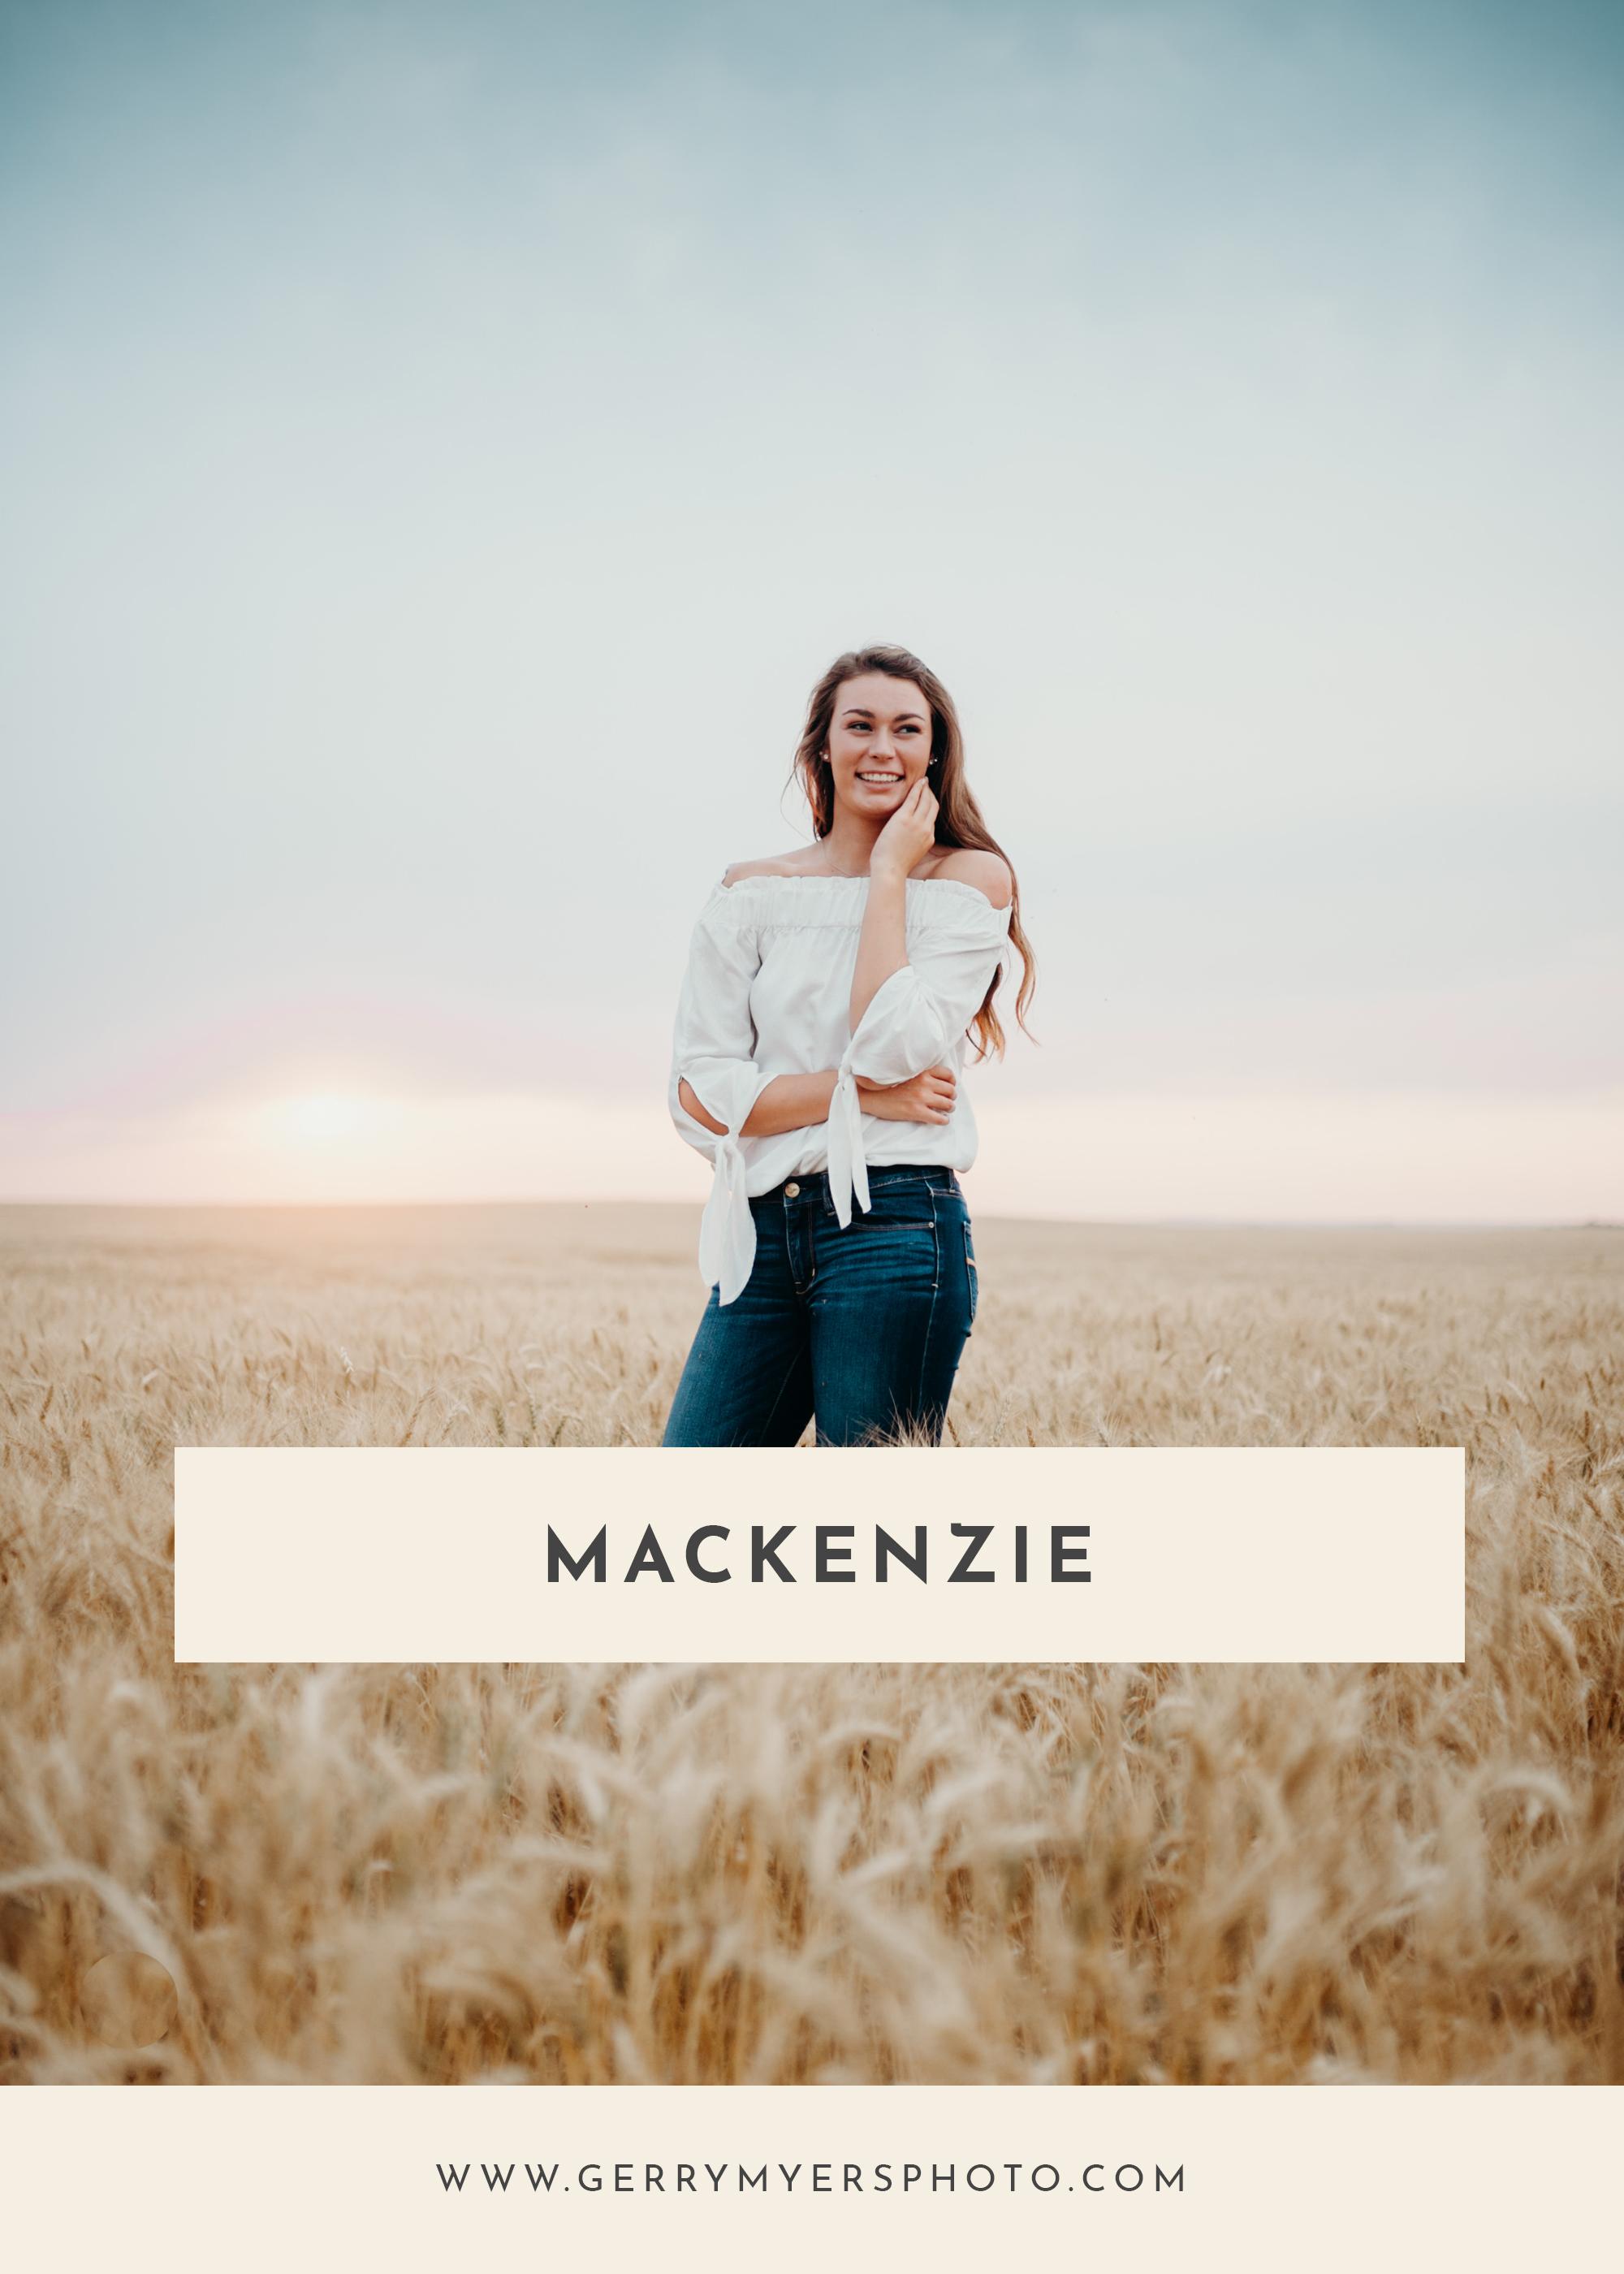 MackenzieSenior.jpg